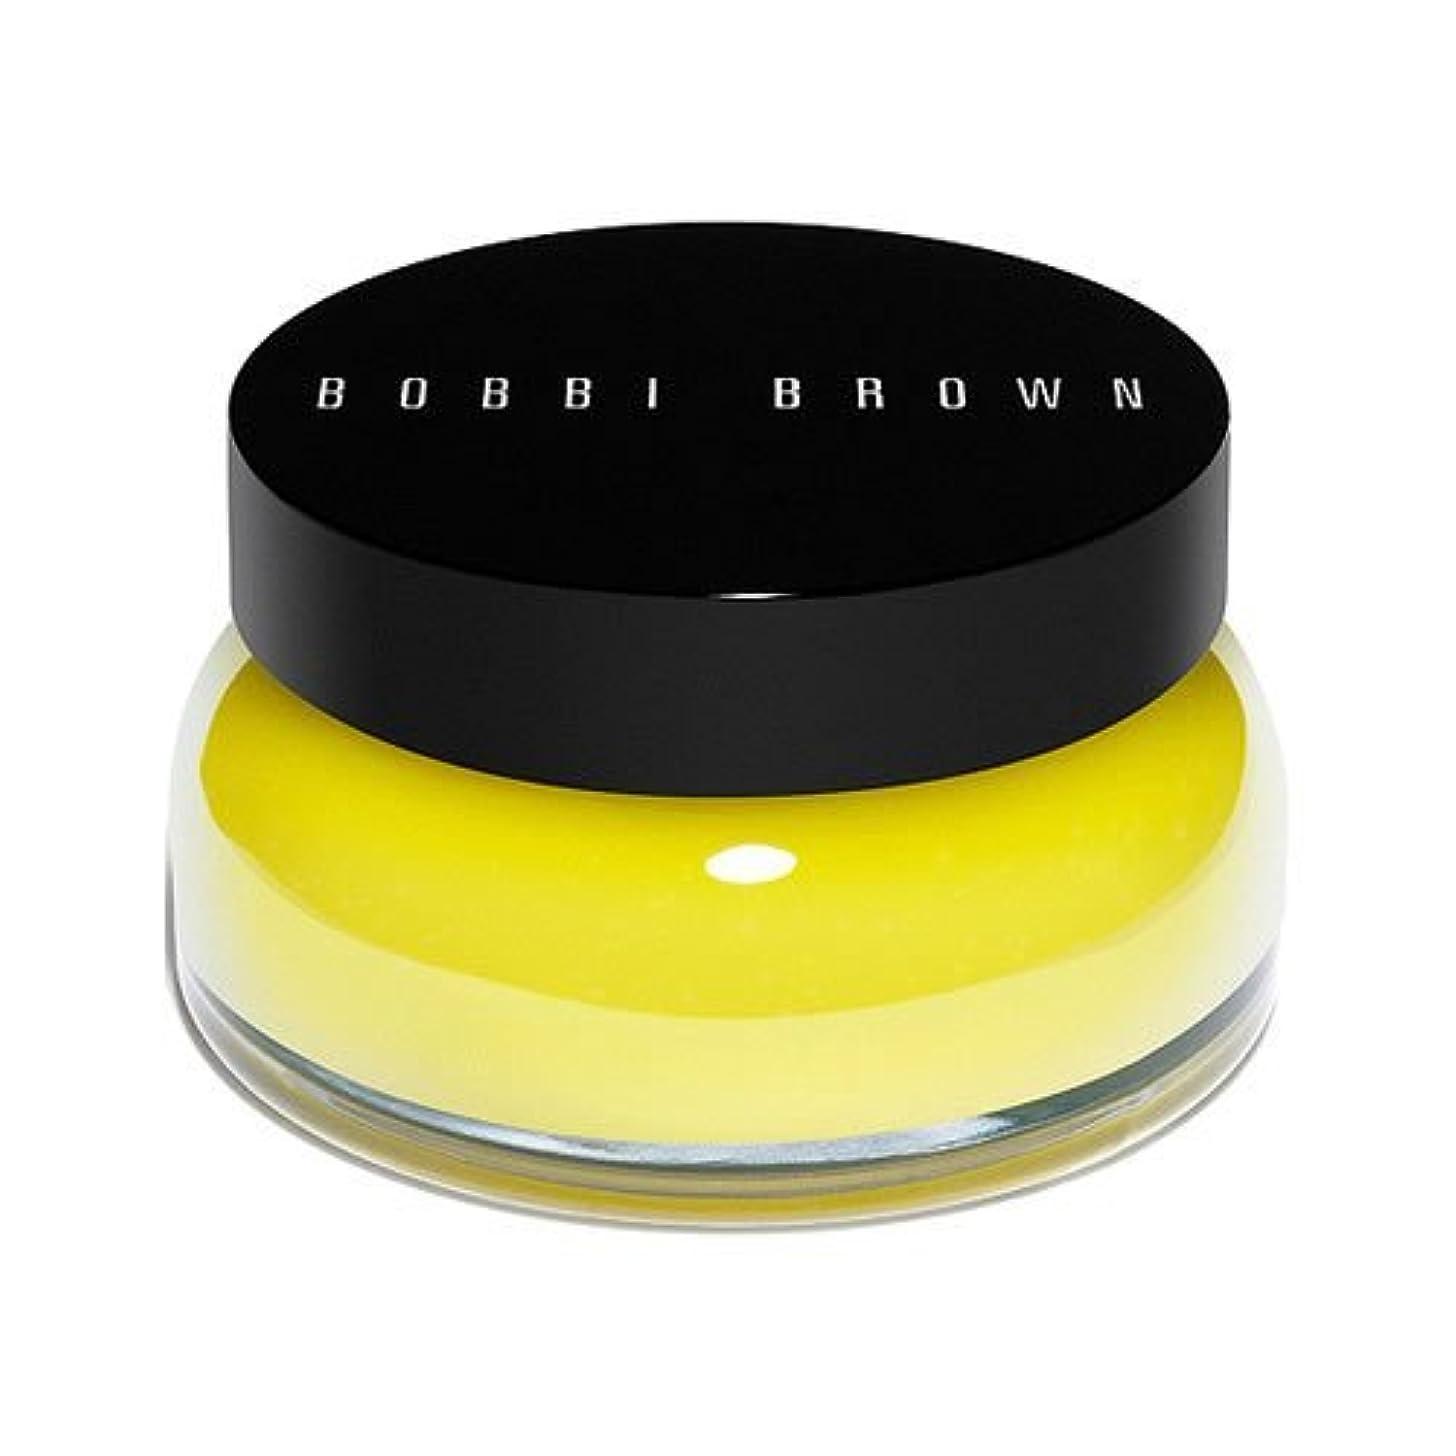 担保原油輸送ボビーブラウン BOBBI BROWN エクストラ バーム リンス 200ml [並行輸入品]